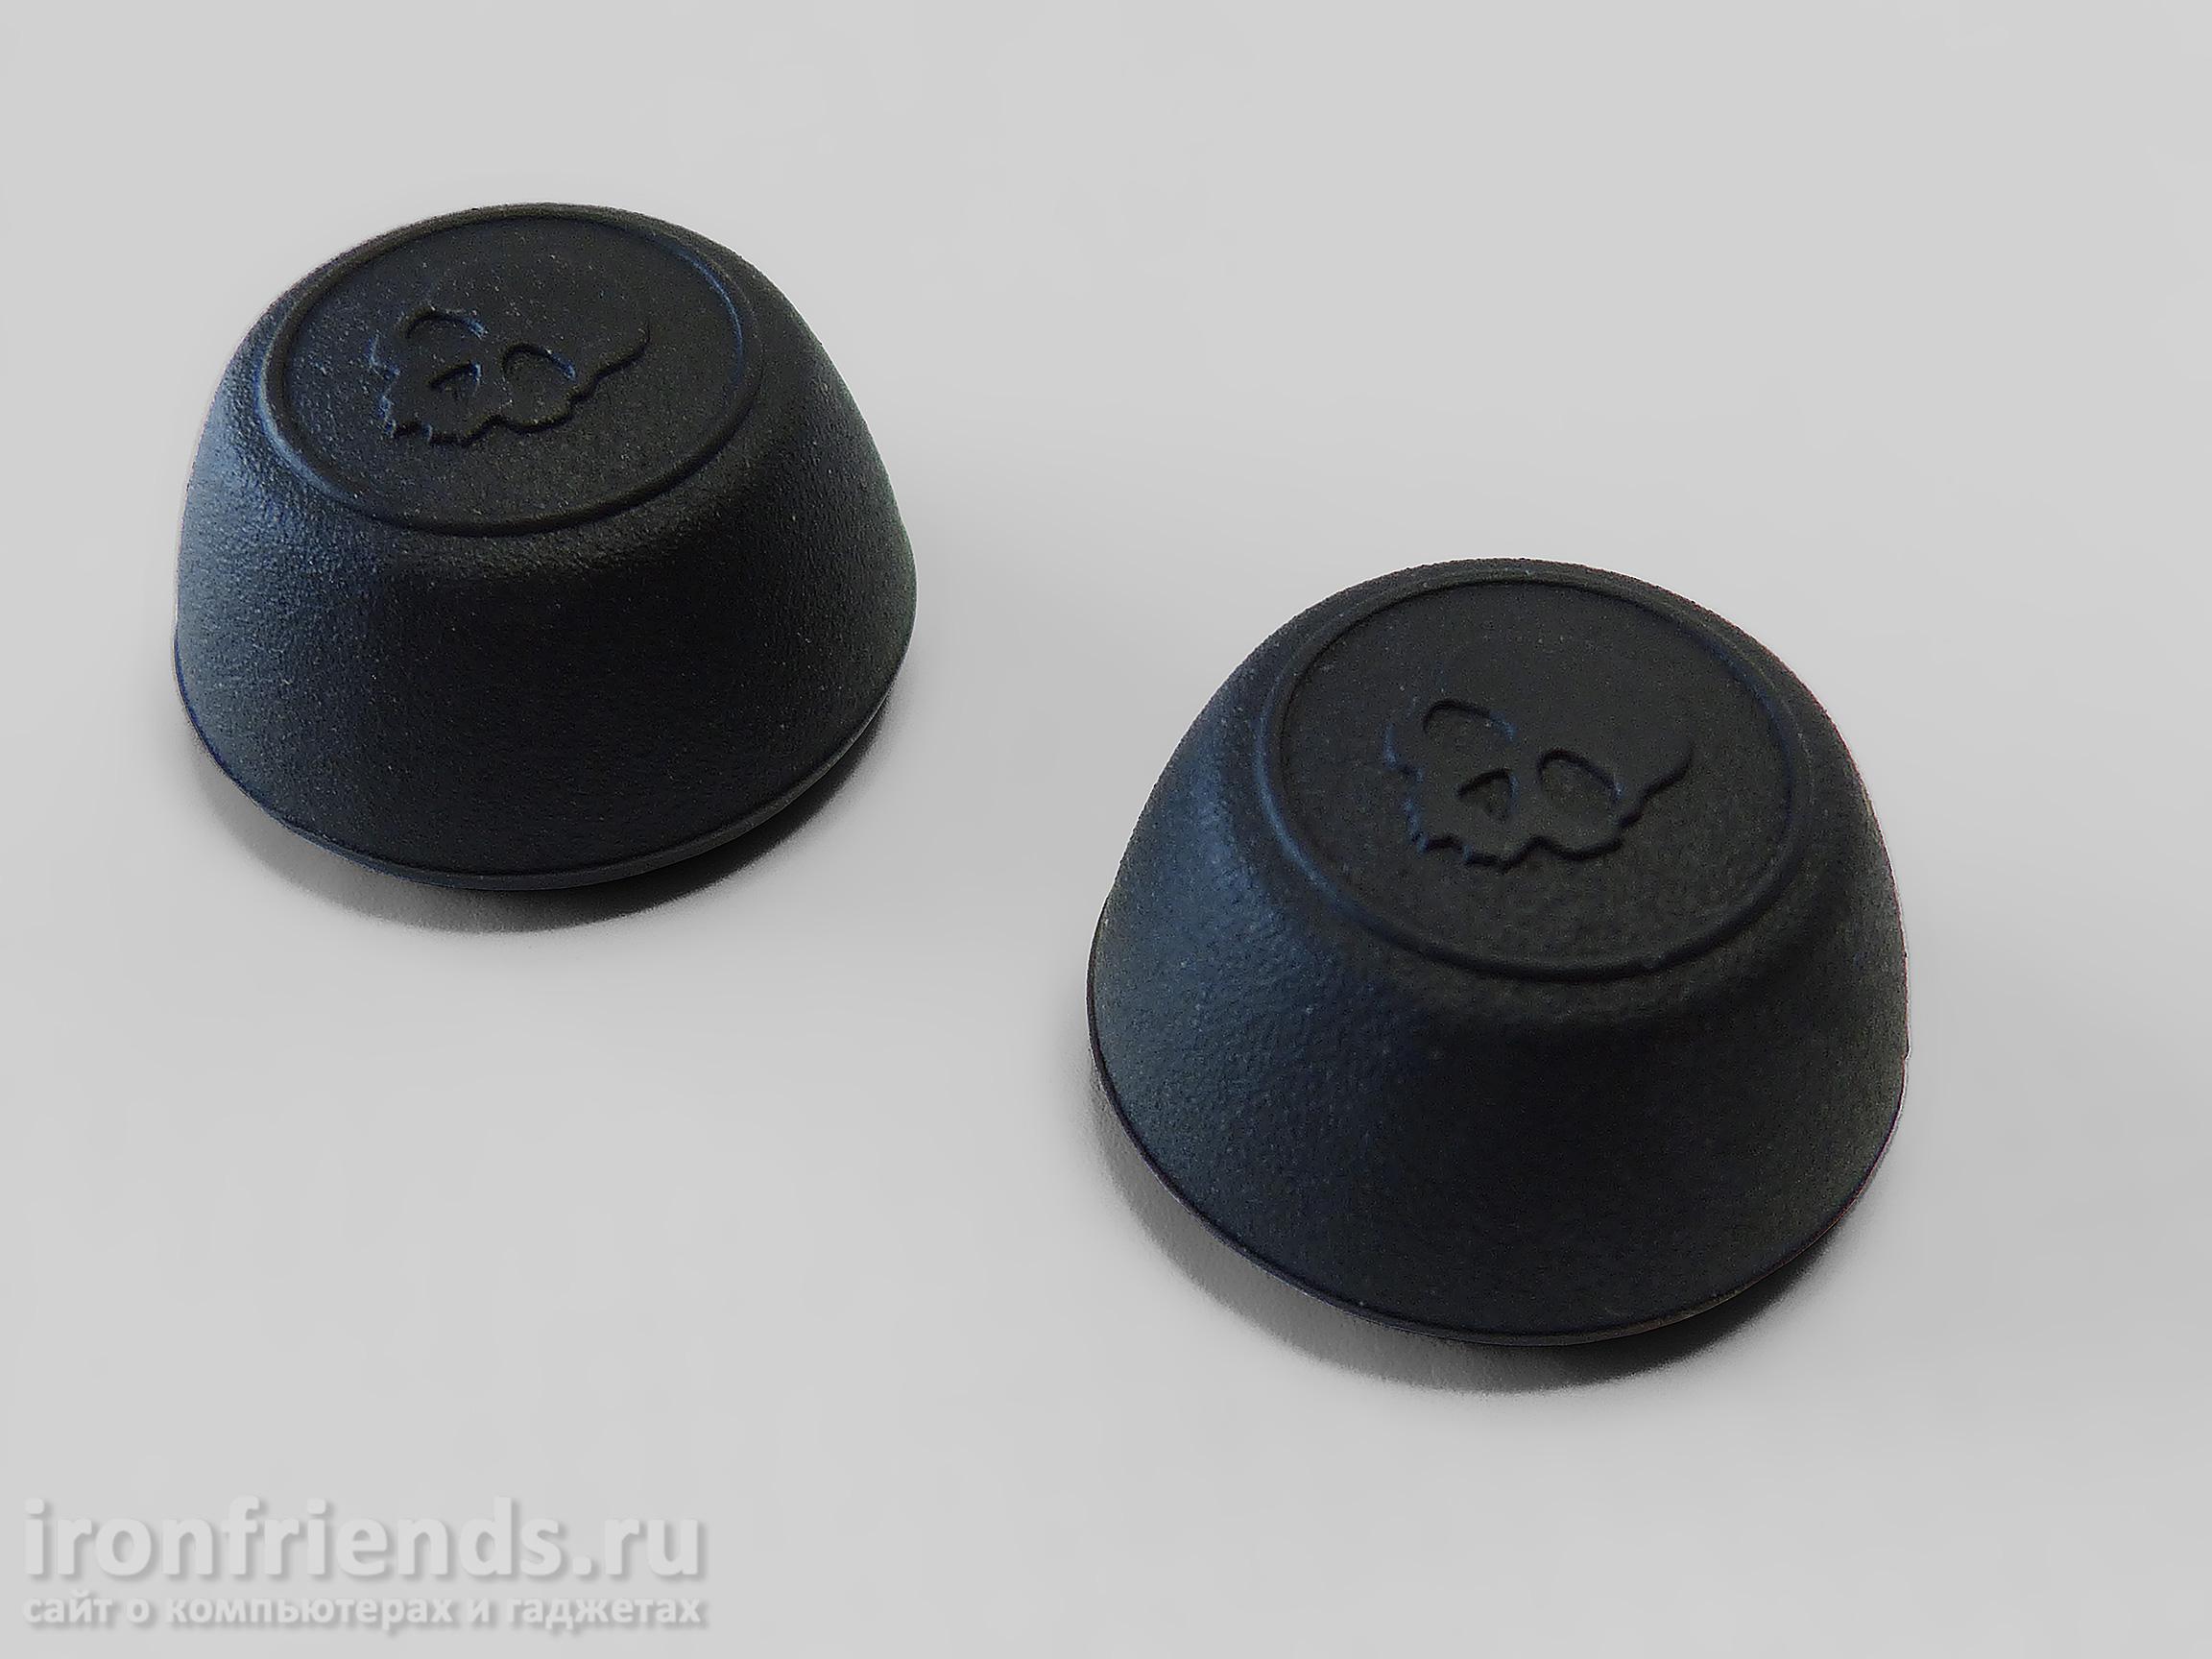 Накладки на стики CQC Elite Thumb для геймпада Xbox One S